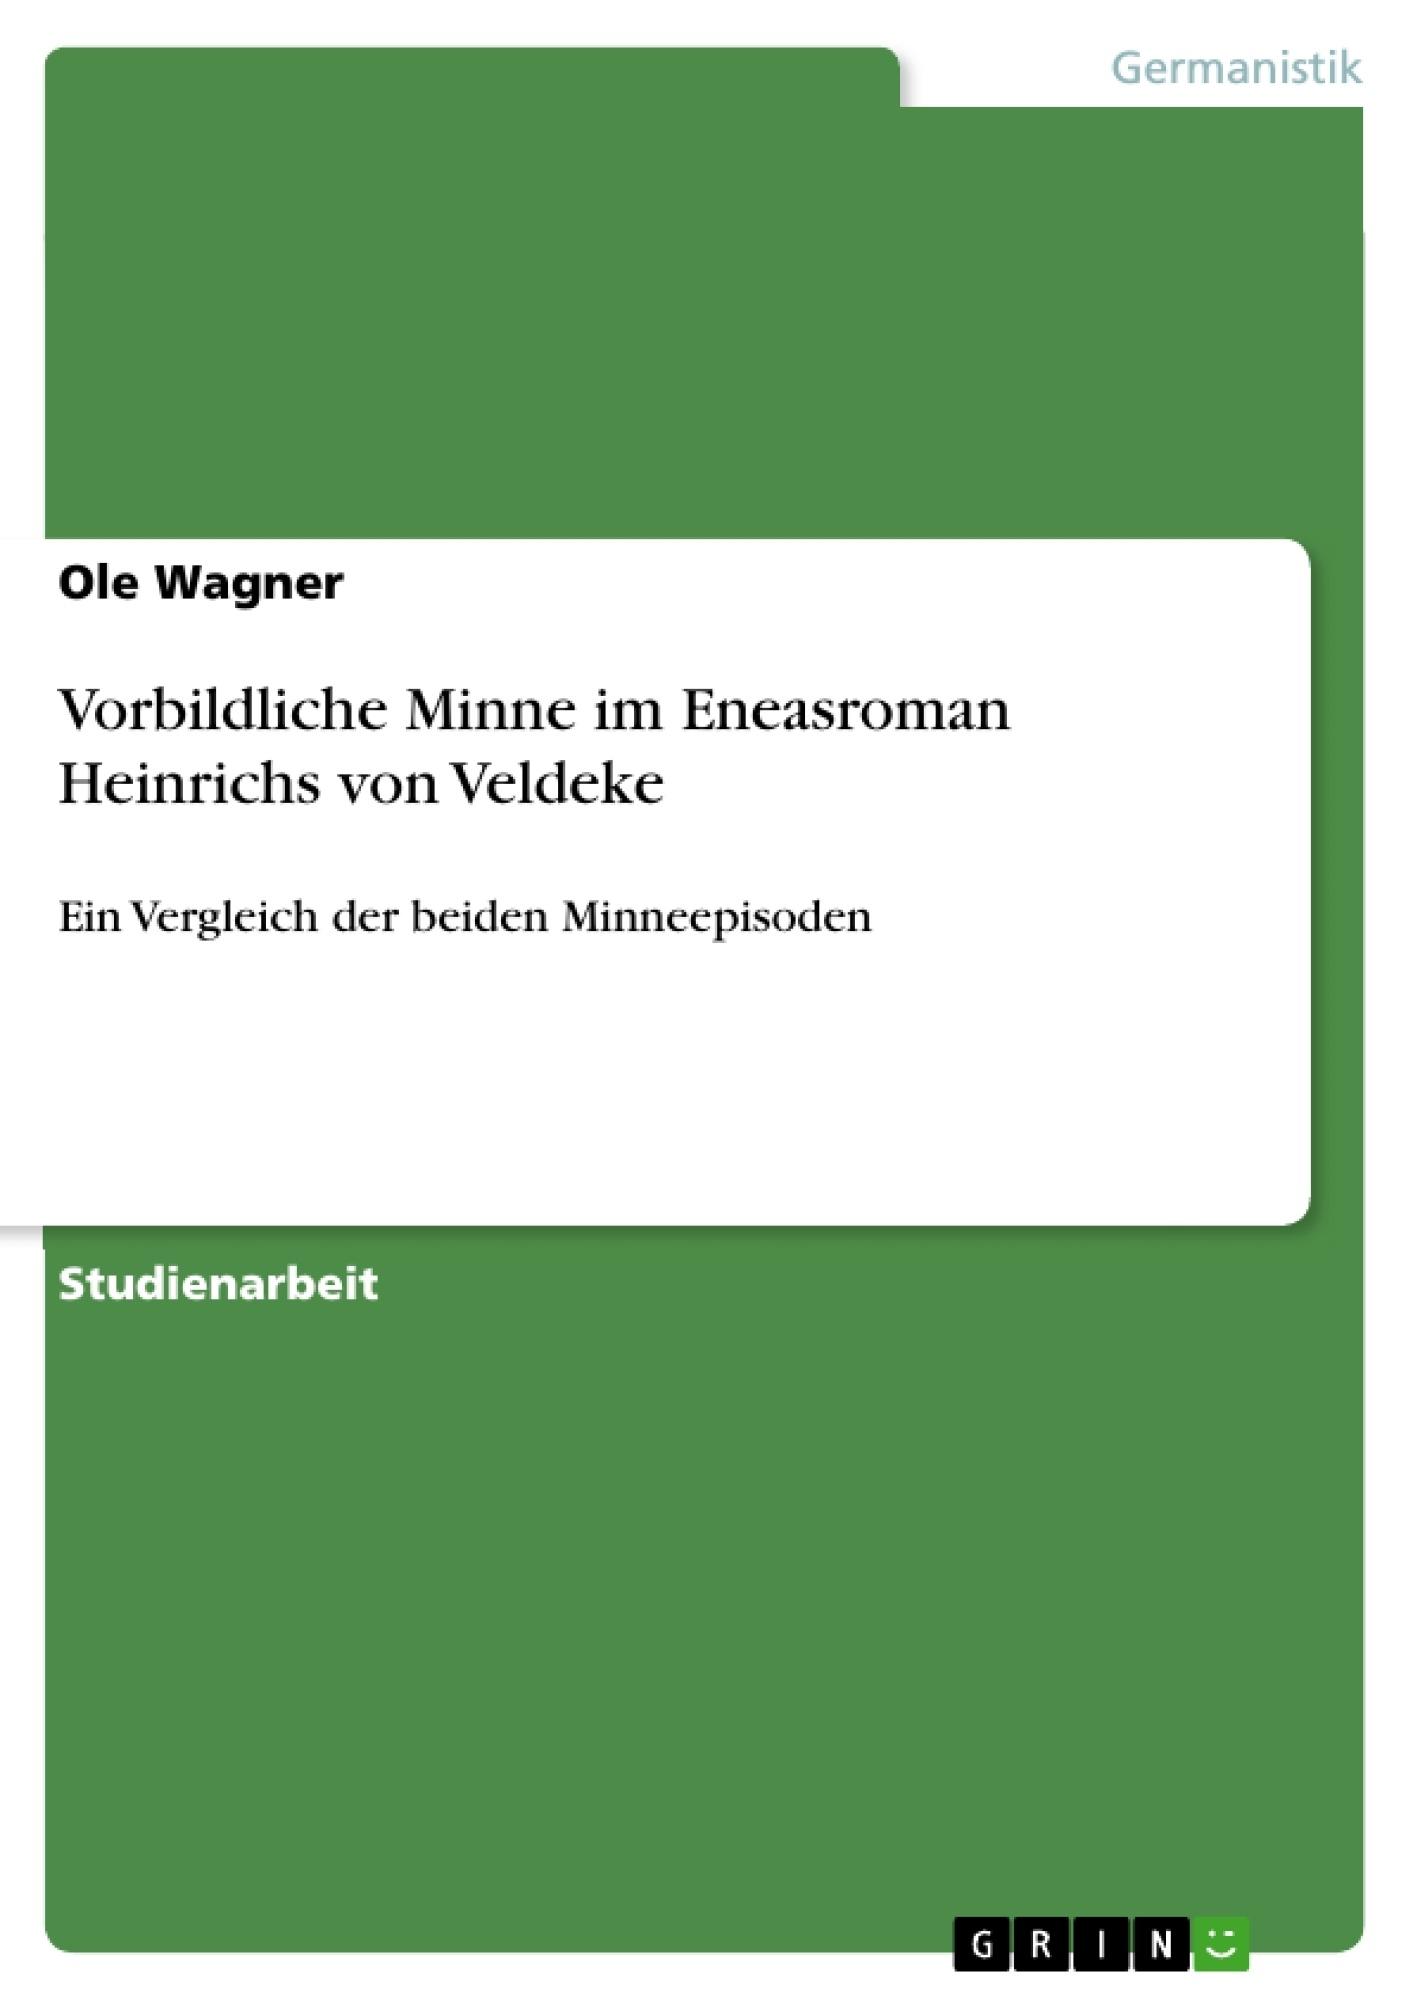 Titel: Vorbildliche Minne im Eneasroman Heinrichs von Veldeke